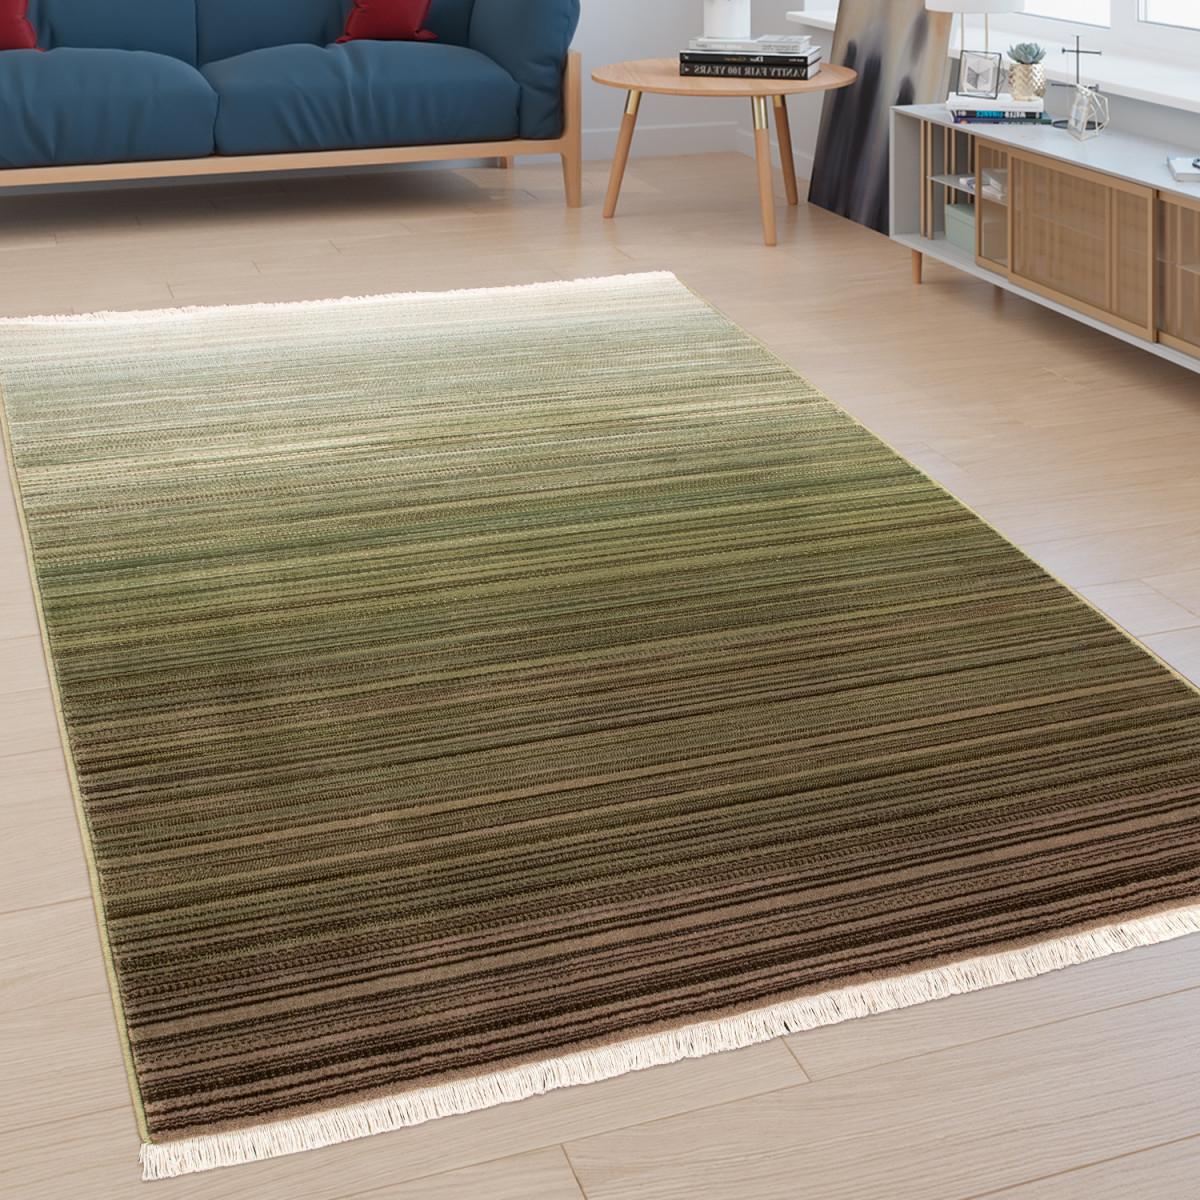 Details Zu Designerteppich Kurzflorteppich Für Wohnzimmer Mit  Farbverlauf In Grün von Teppich Wohnzimmer Grün Photo